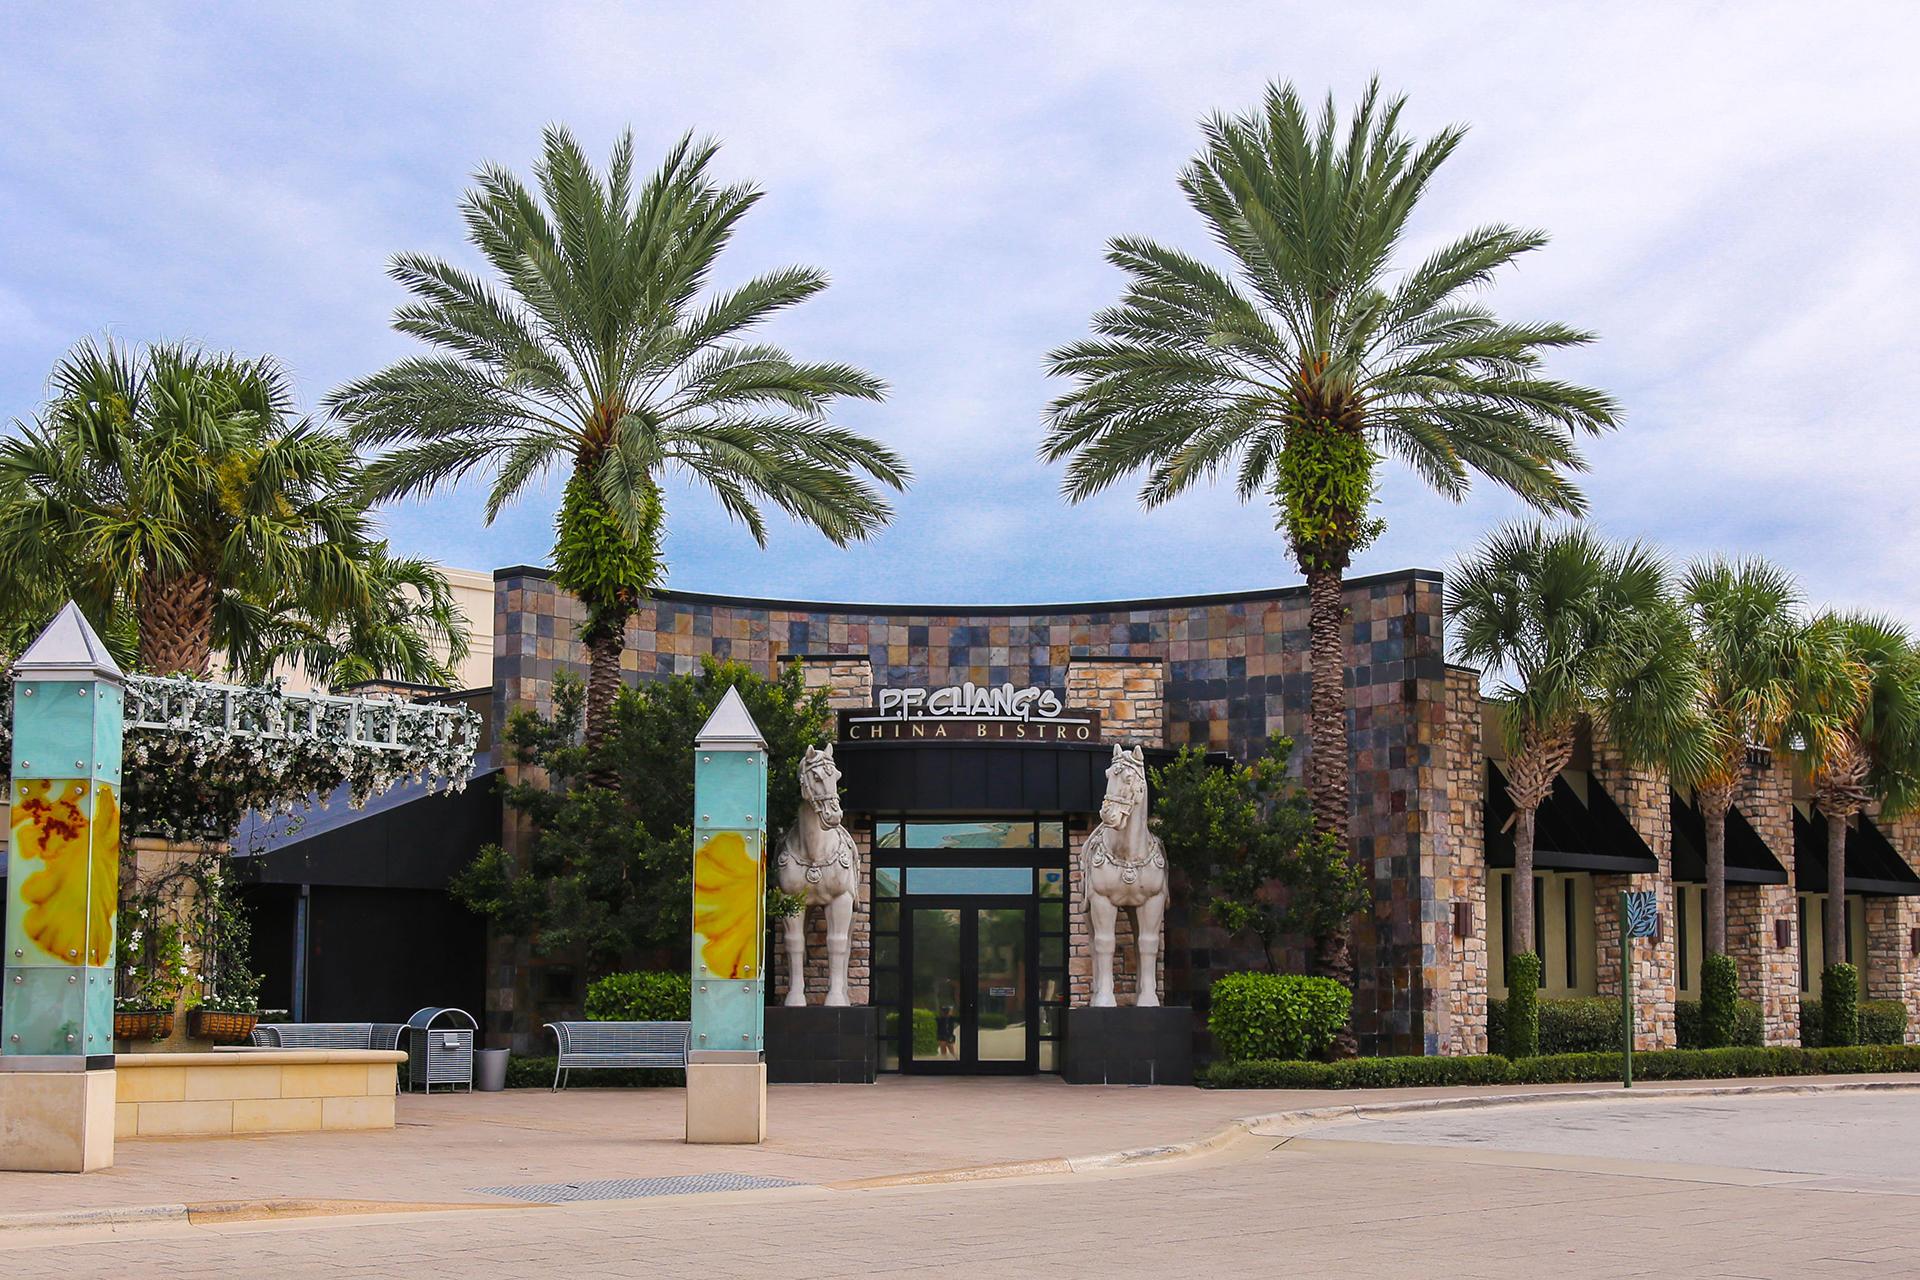 Chinese Restaurant Pga Blvd Palm Beach Gardens Fl Fasci Garden